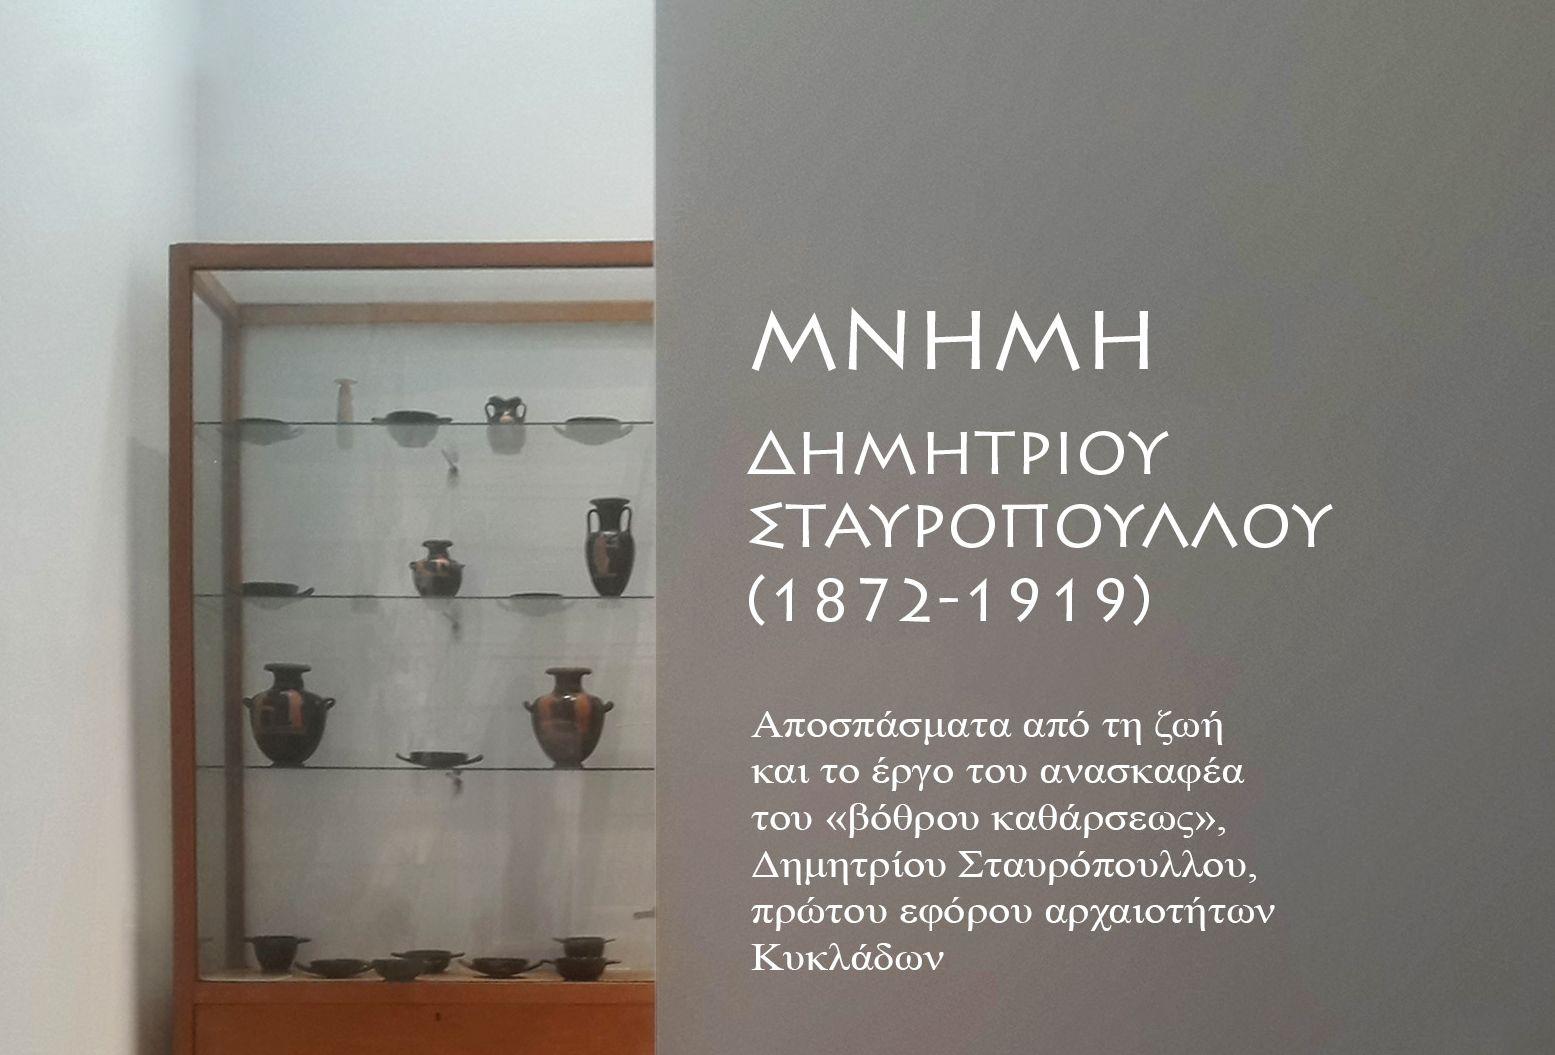 Εκδήλωση μνήμης για τα εκατό χρόνια από το θάνατο Δημητρίου Σταυρόπουλλου